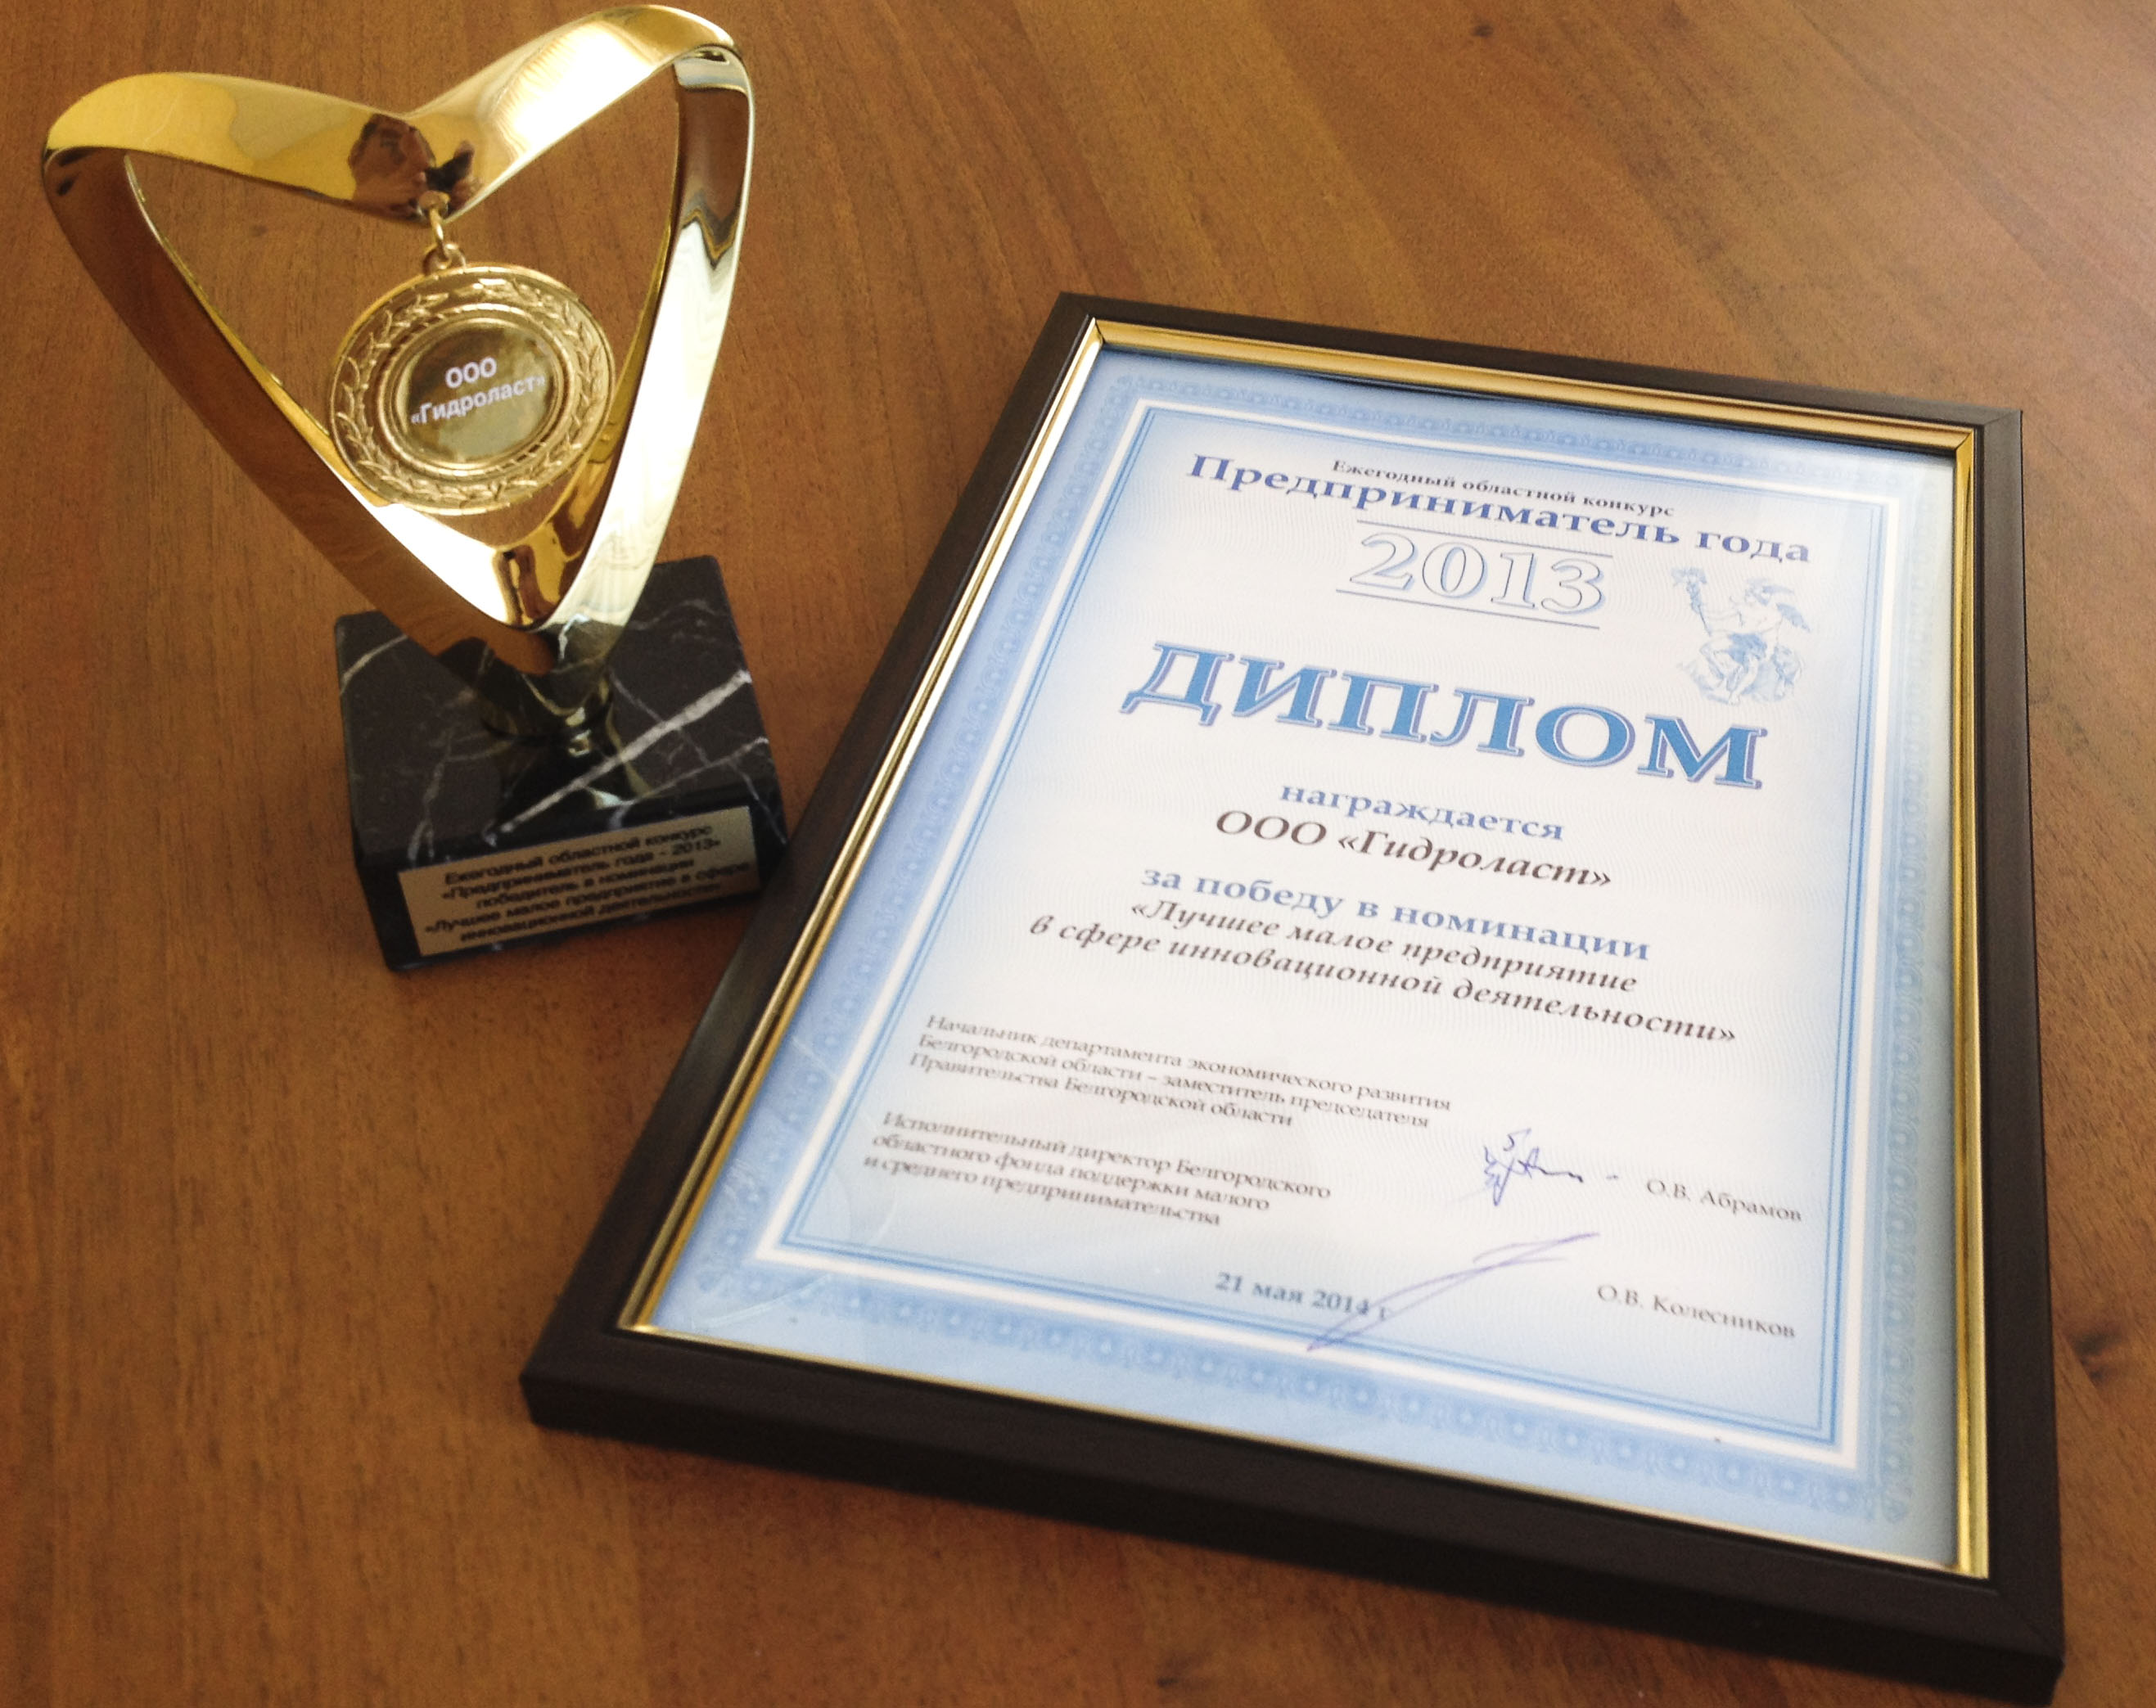 Диплом за победу в конкурсе «Предпринимательство-2014»